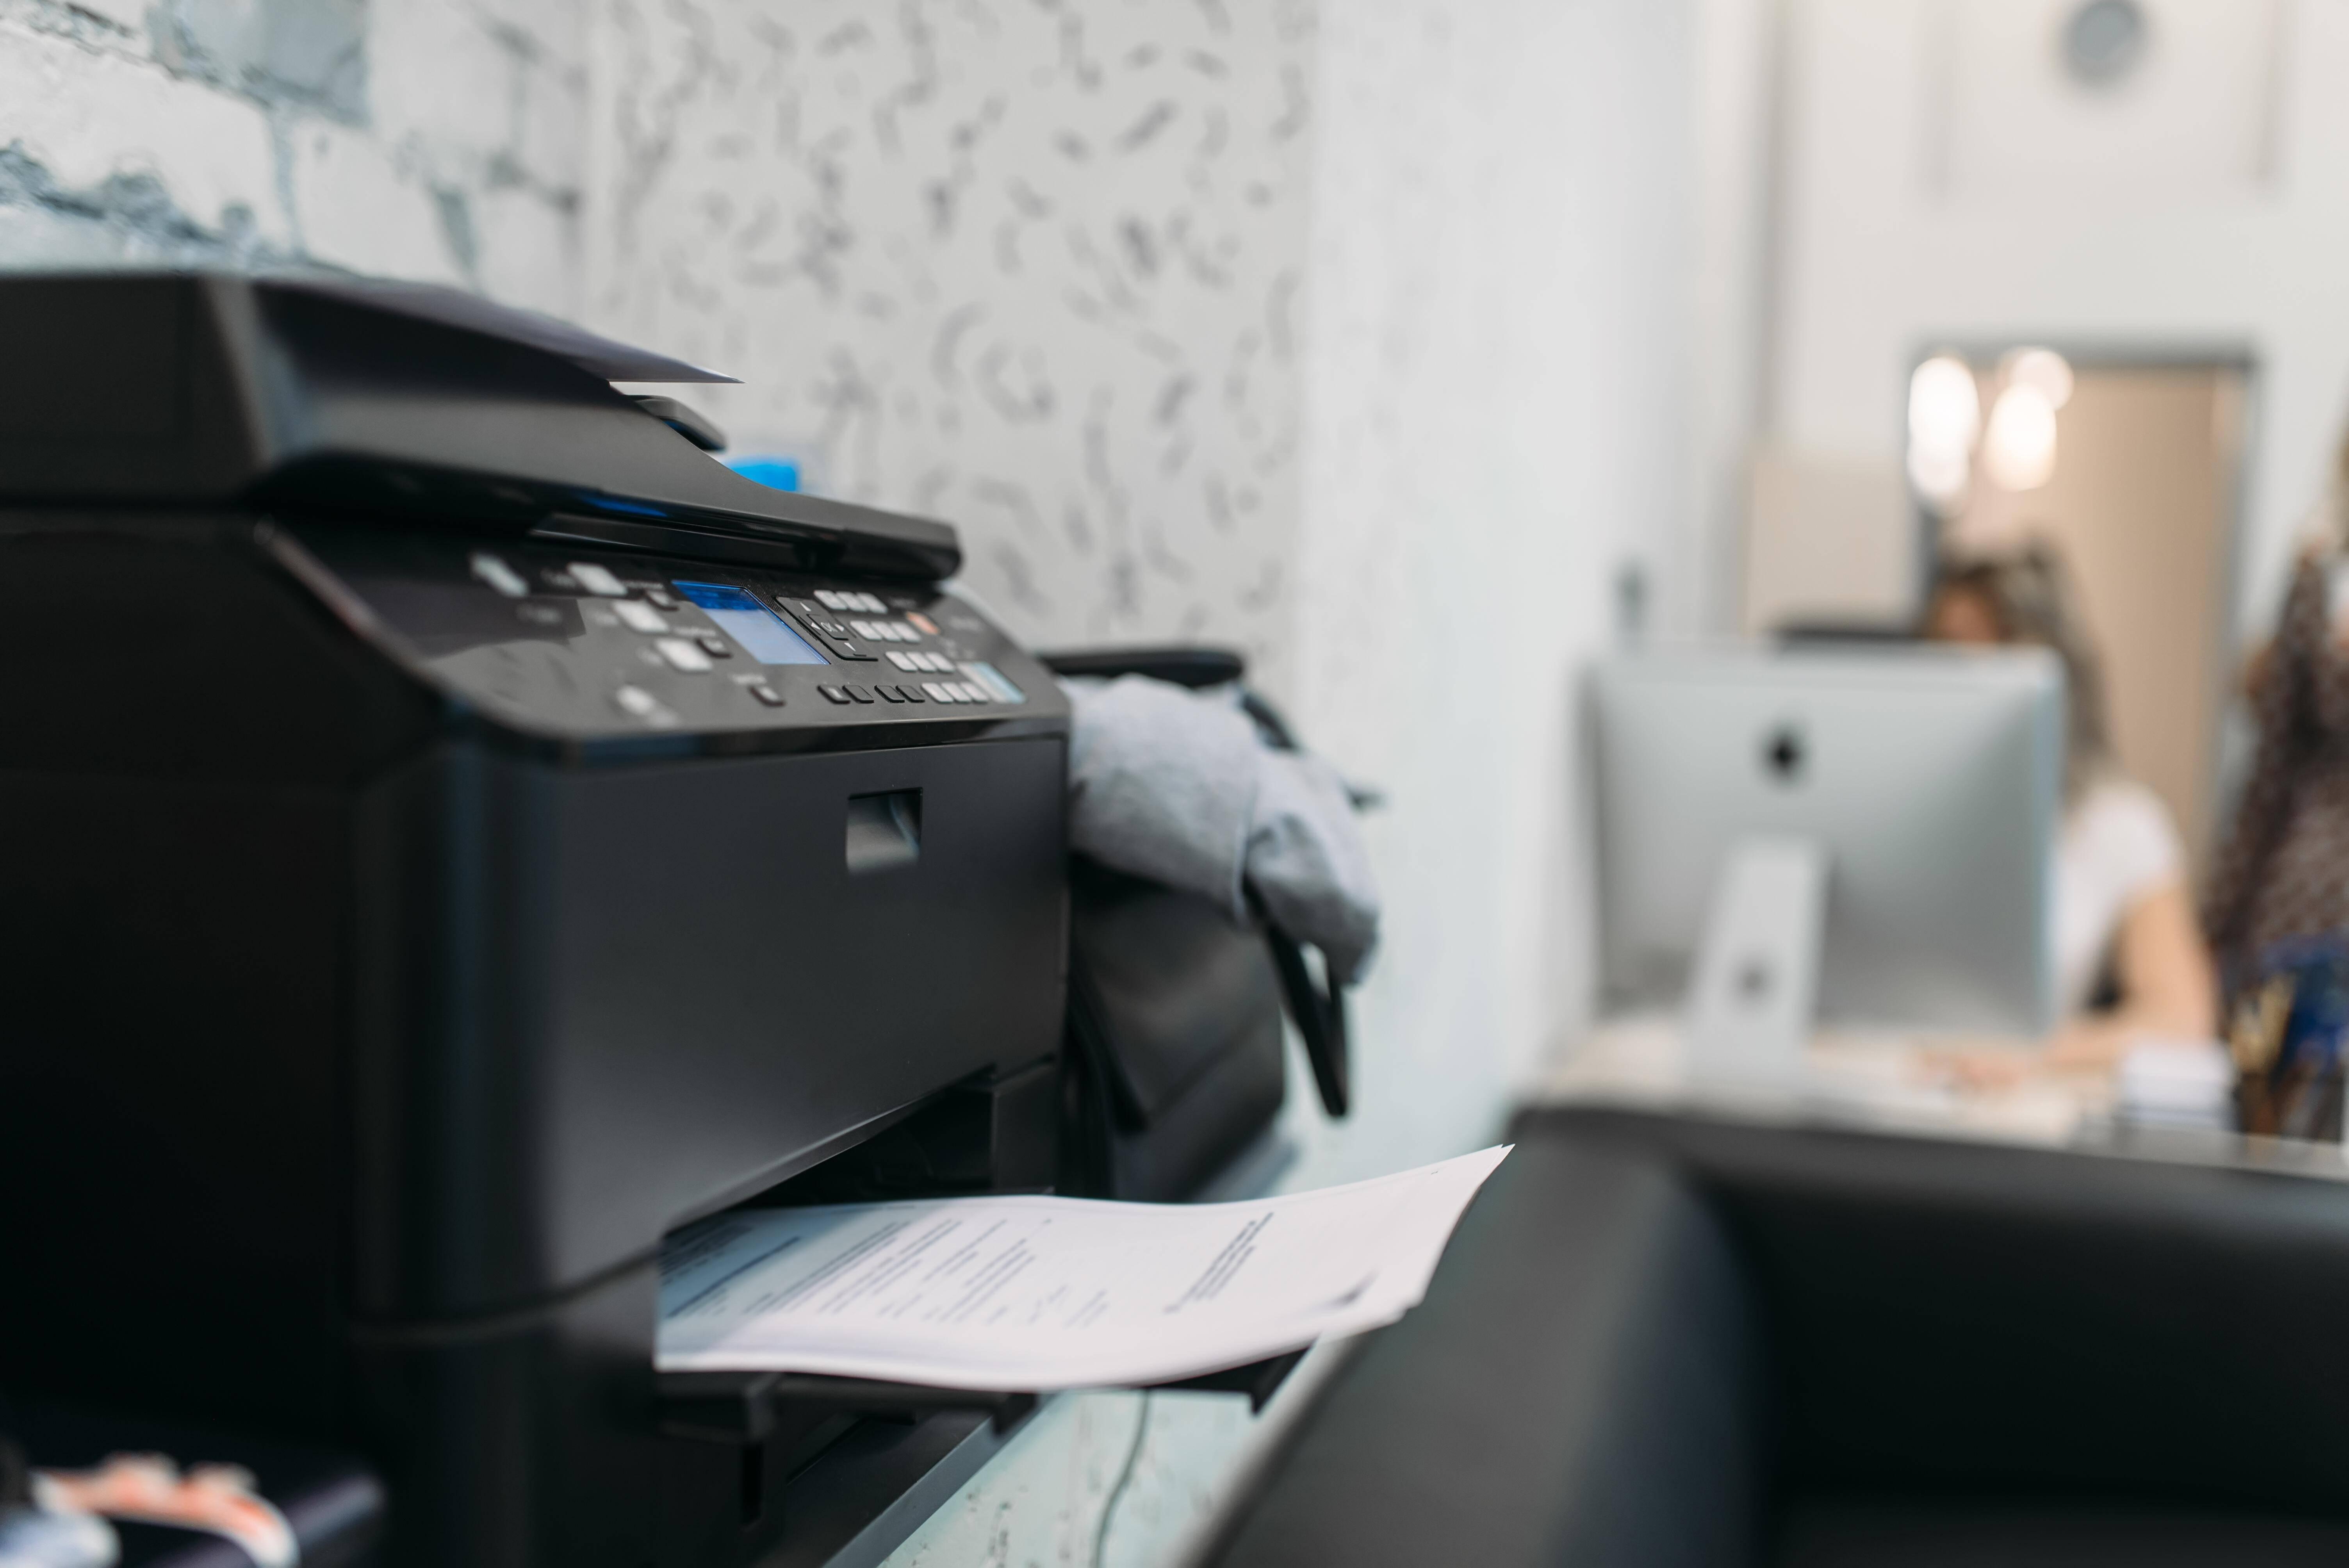 Wenn Ihr Brother-Drucker nicht funktioniert, kann oft ein Reset helfen.